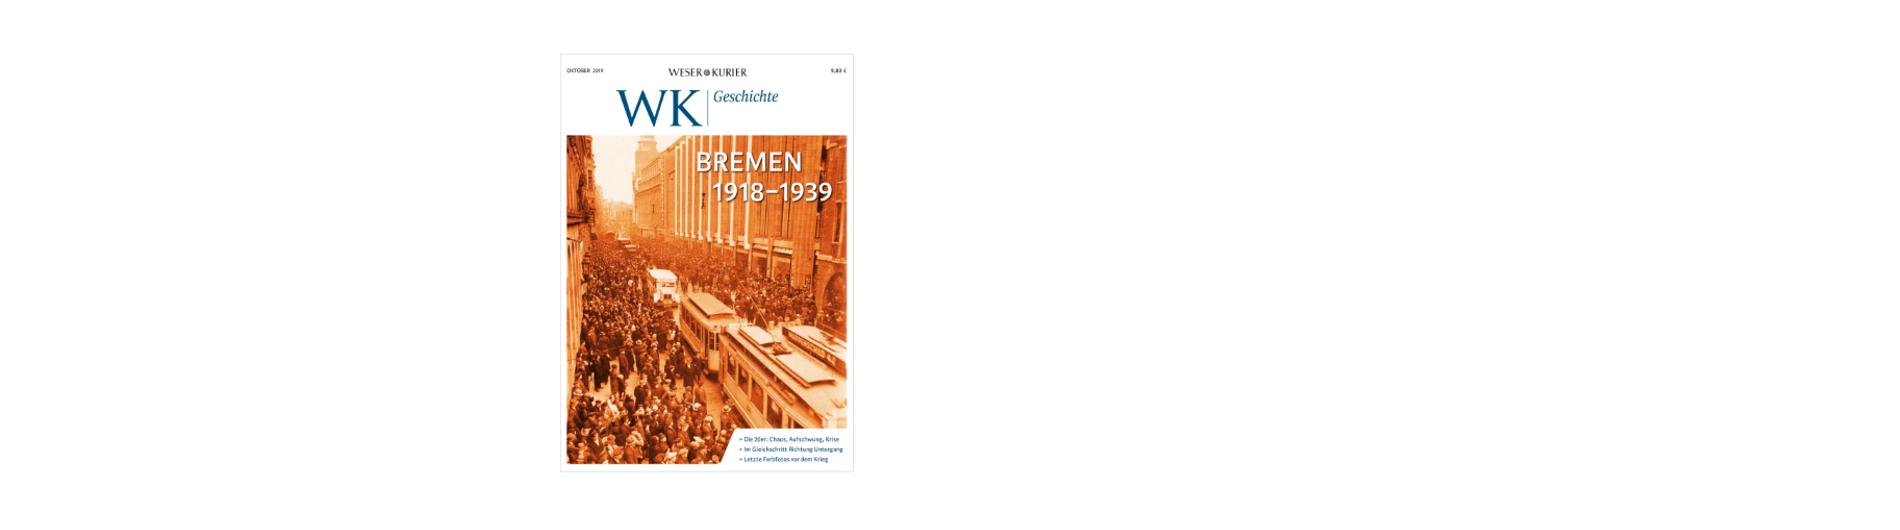 WK Geschichte II: Bremen 1918-1939